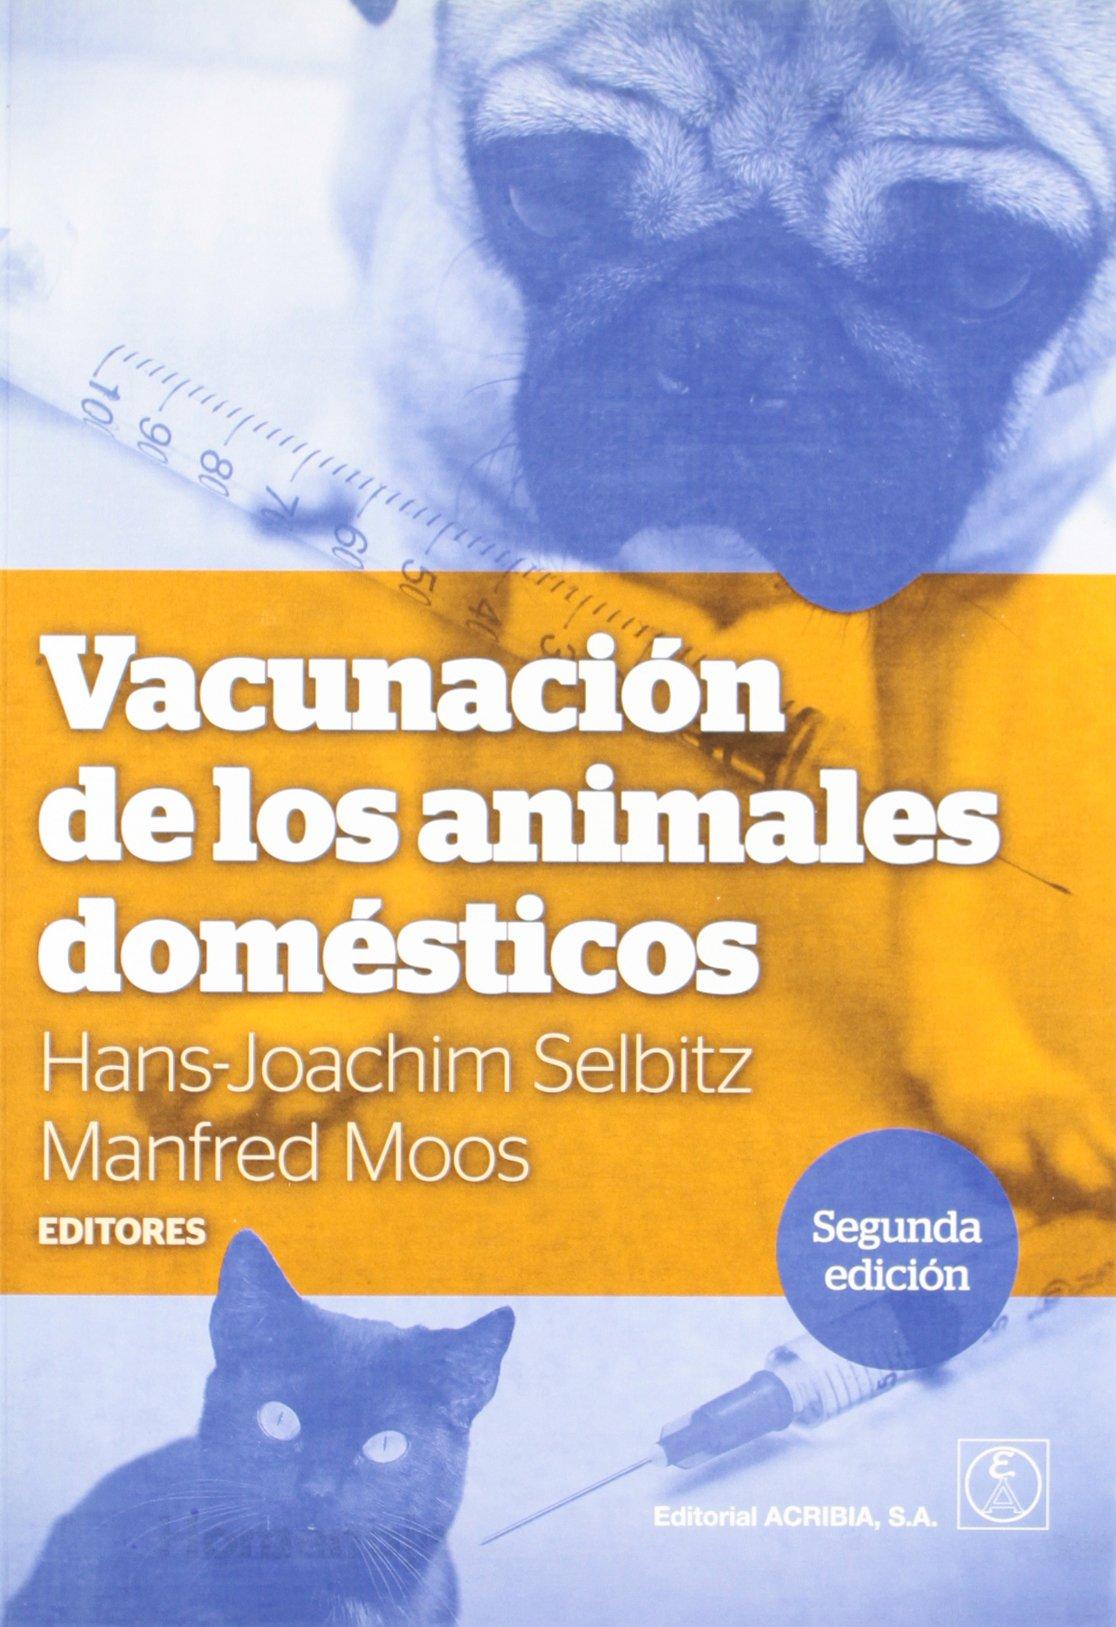 Vacunación de los animales domésticos (Spanish) Paperback – March 1, 2010